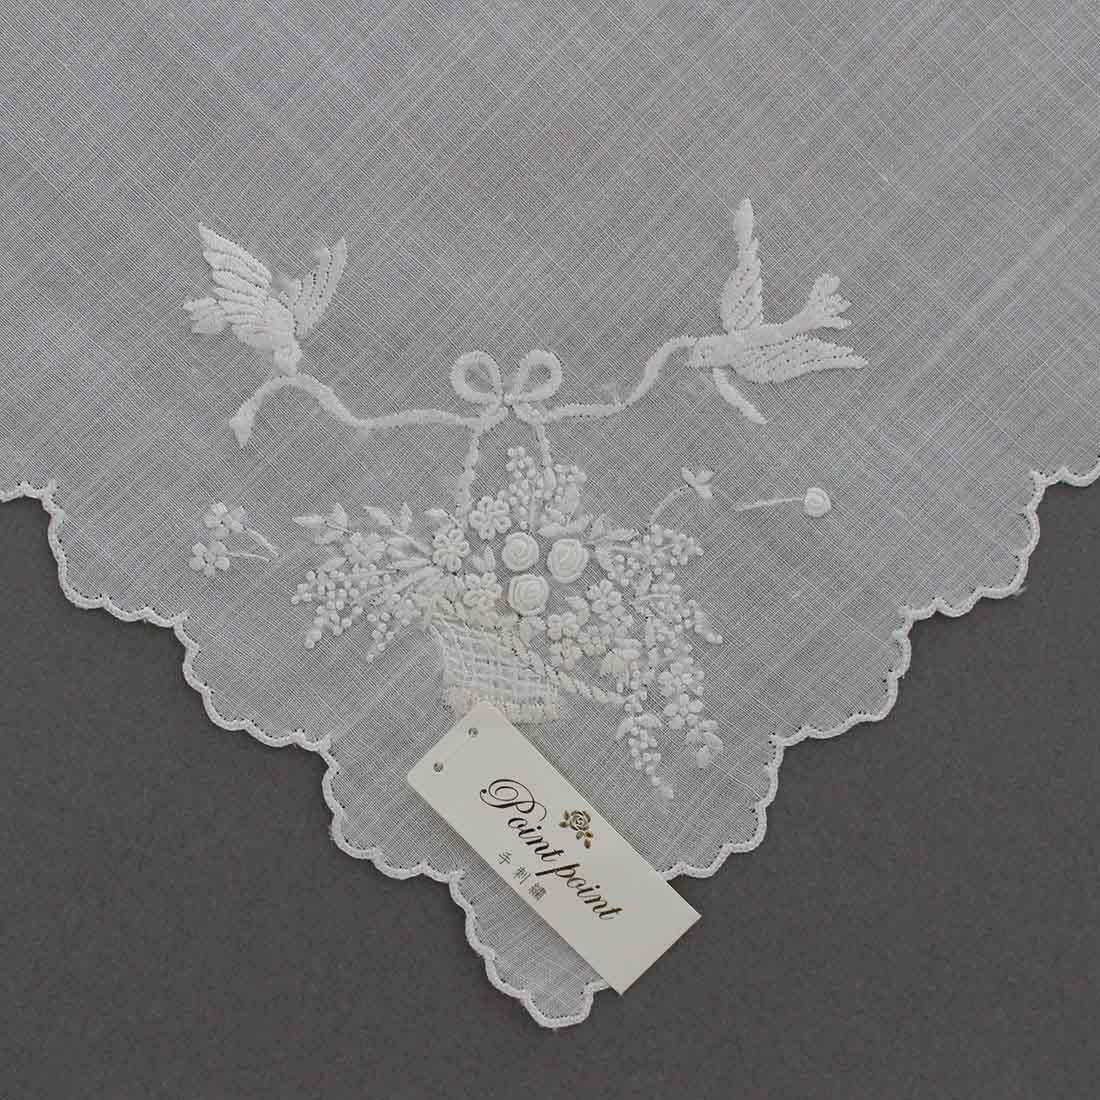 【送料無料】ポワンポワン ベトナム手刺繍 ハンカチ フラワーバスケット 1502 ホワイト